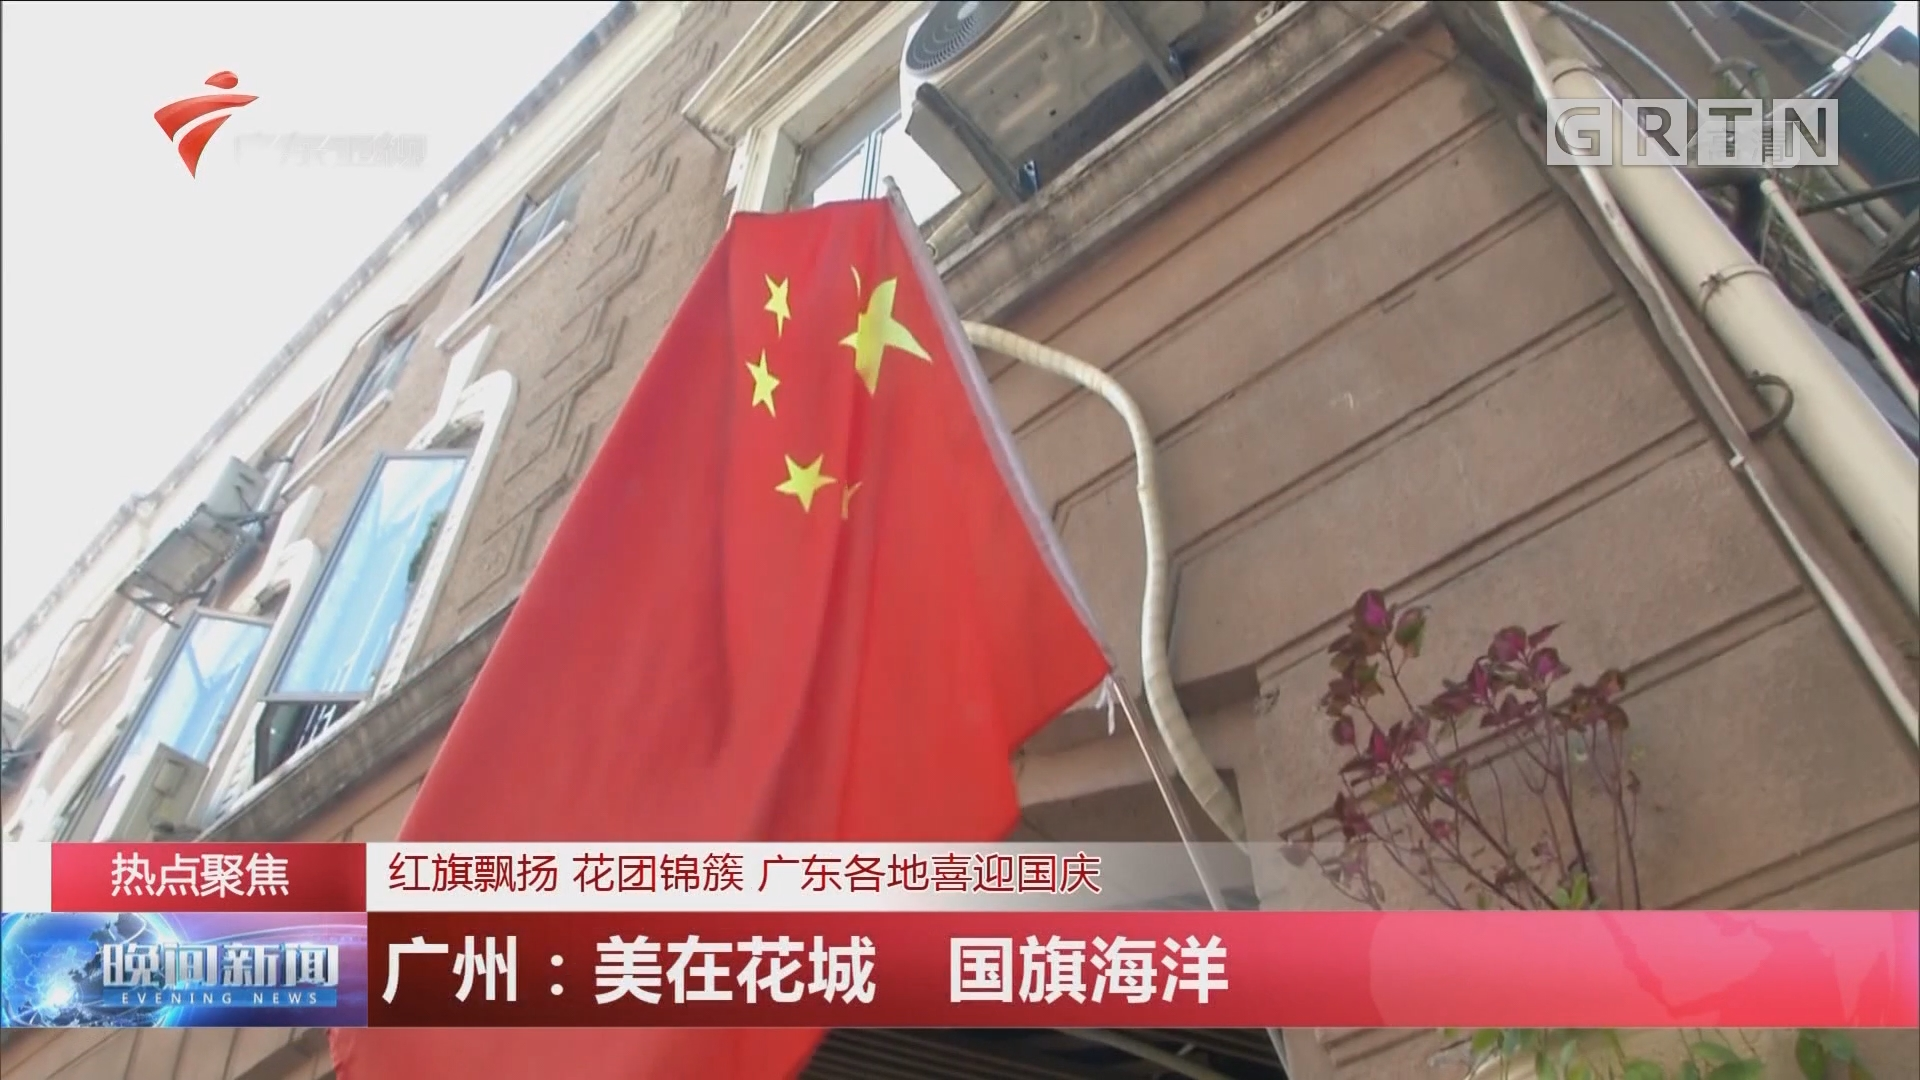 红旗飘扬 花团锦簇 广东各地喜迎国庆 广州:美在花城 国旗海洋